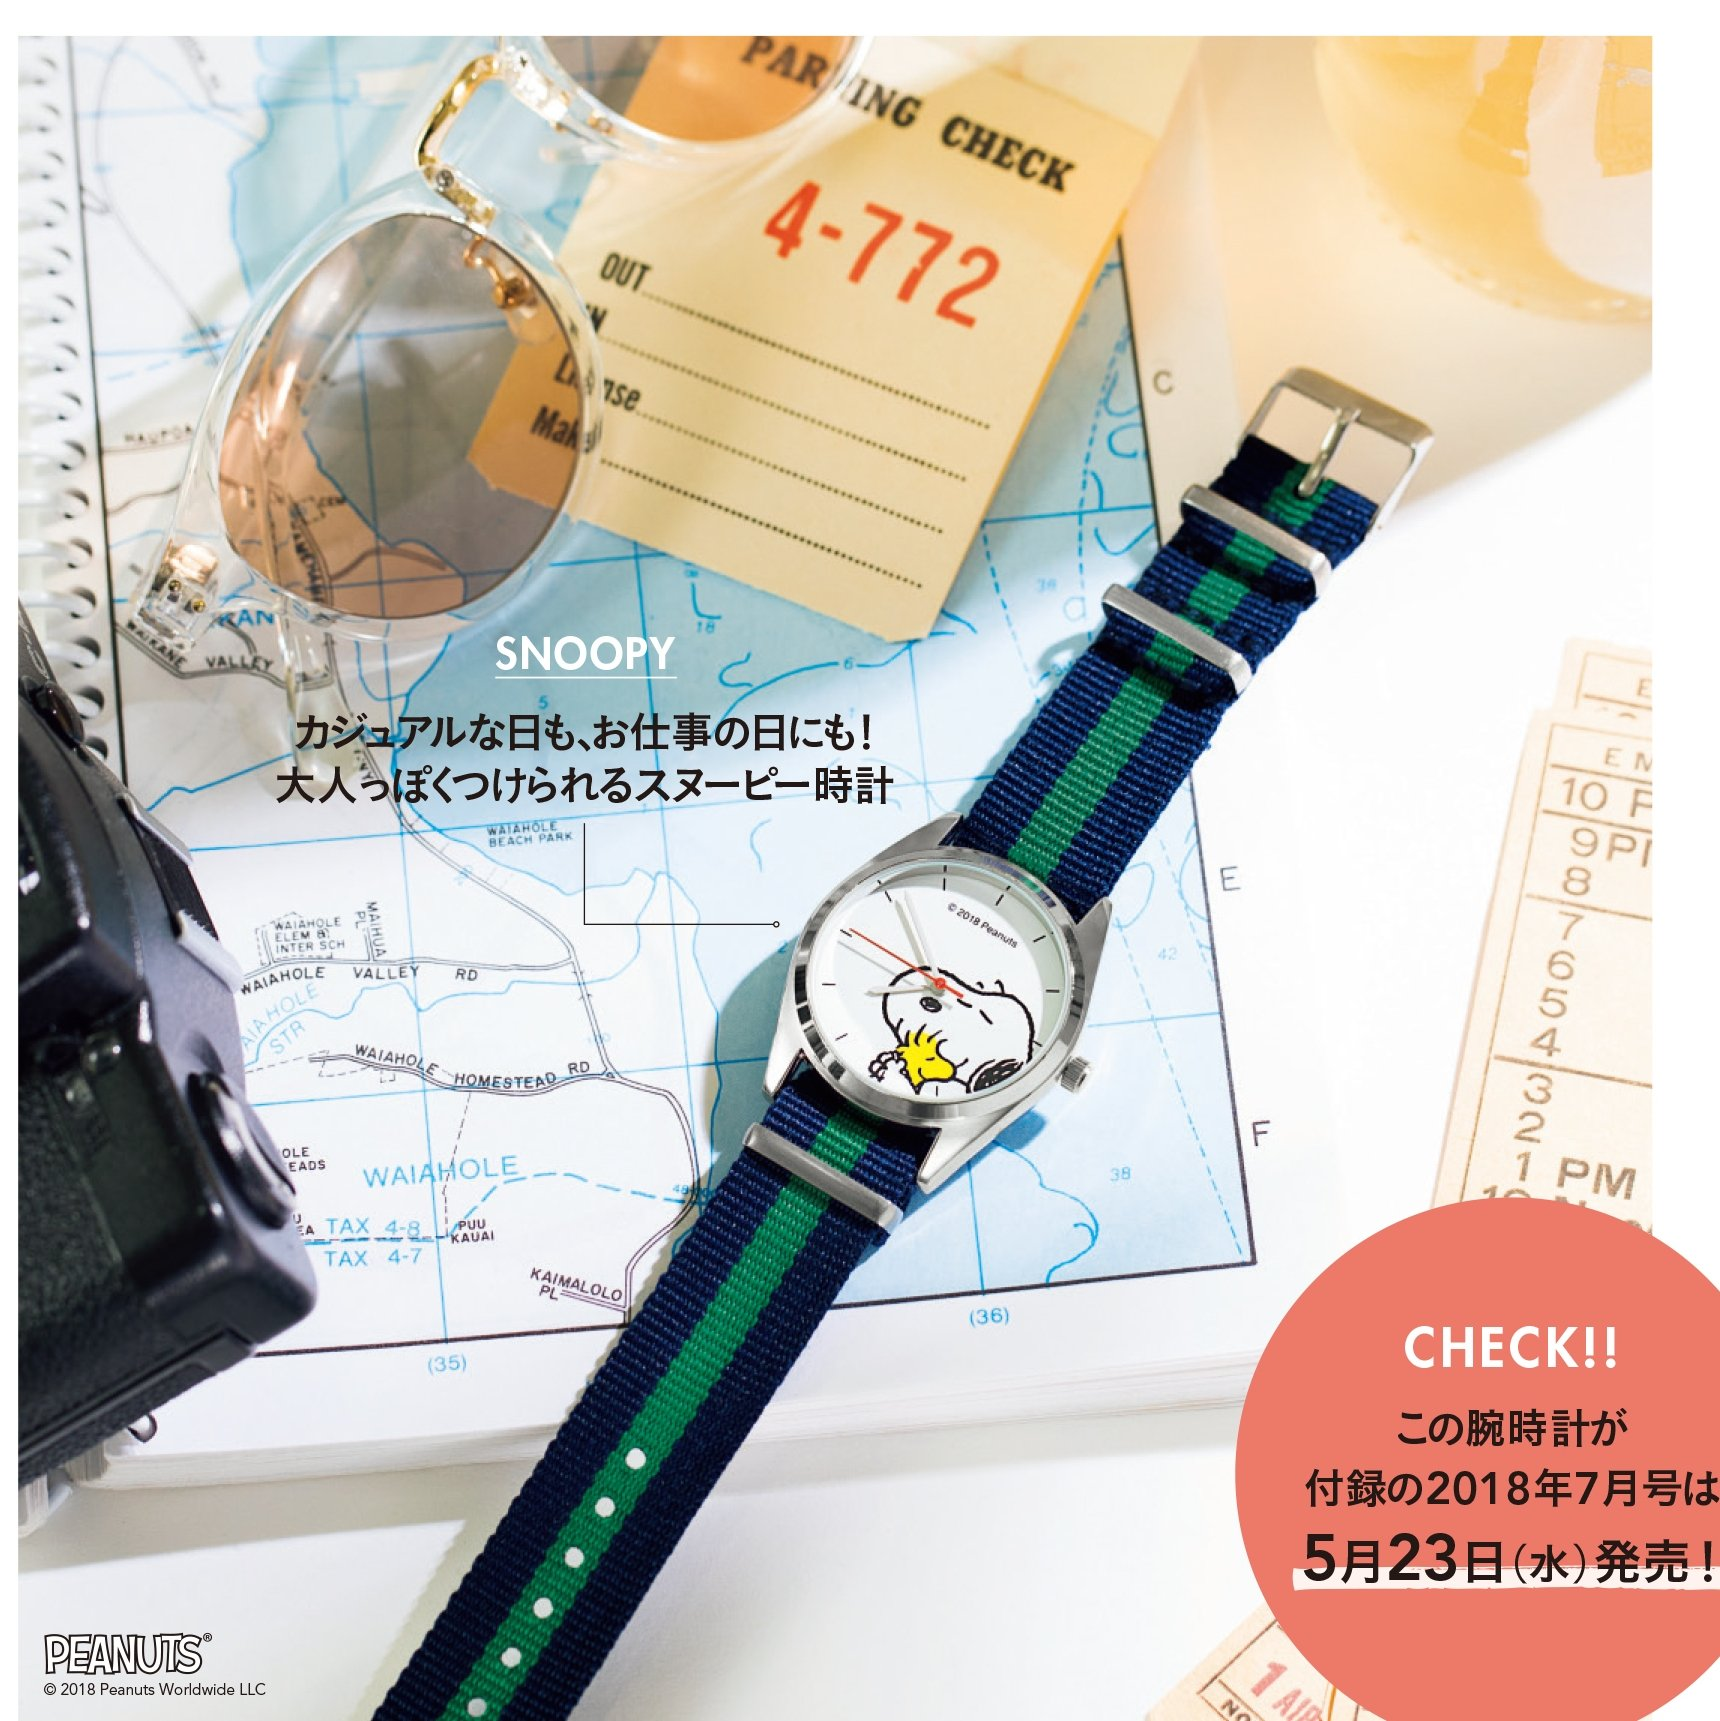 spring (スプリング) 2018年7月号 スヌーピー腕時計